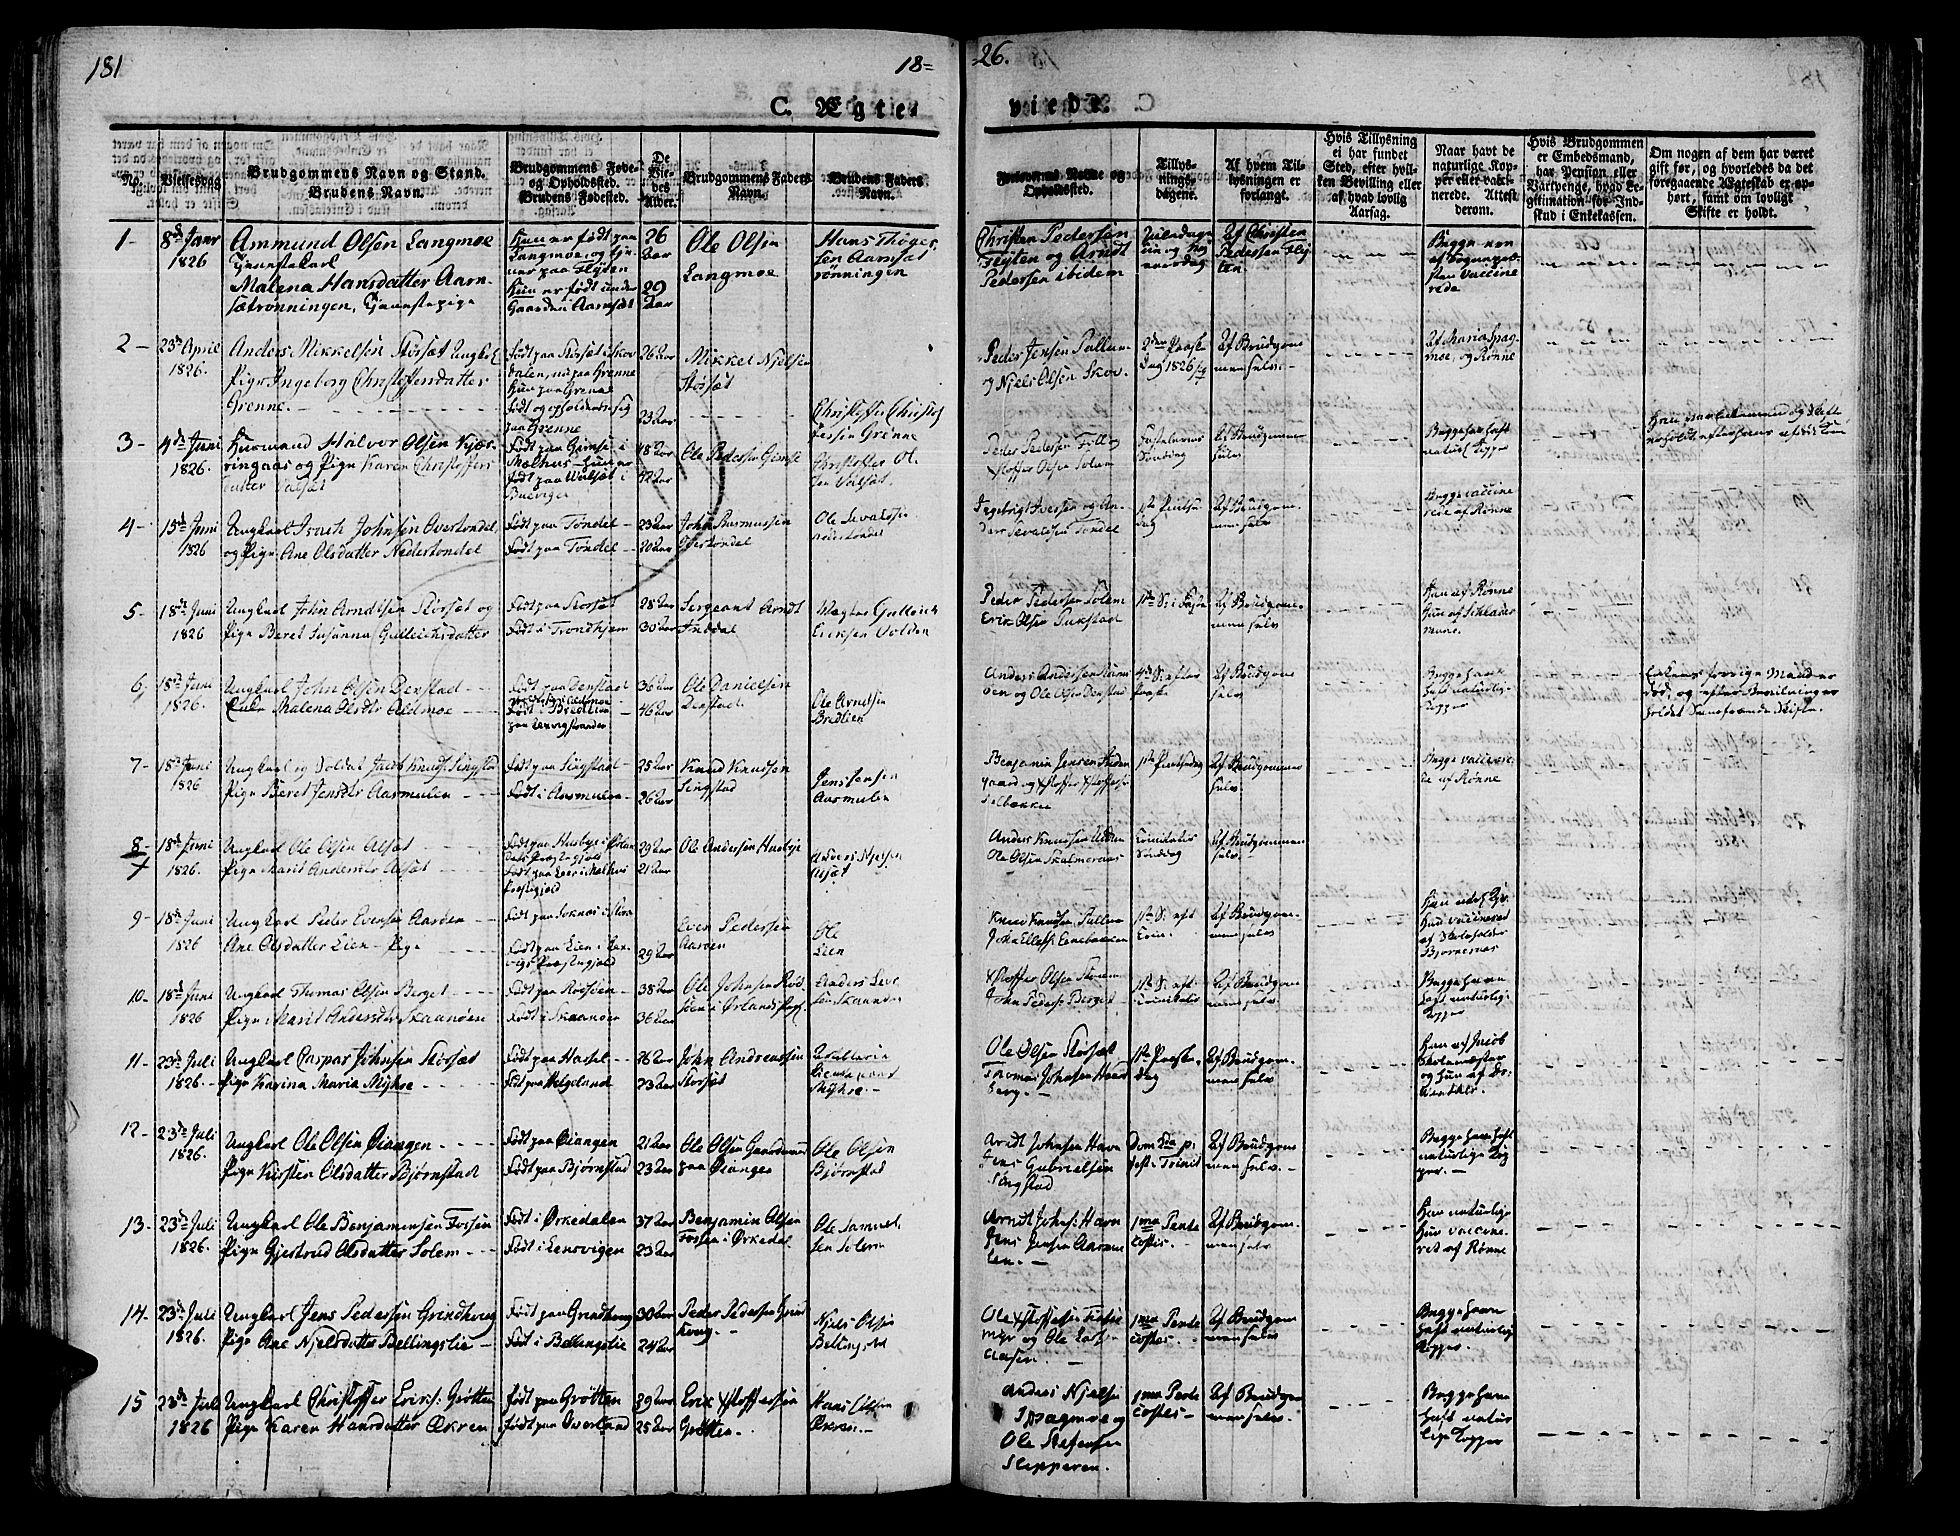 SAT, Ministerialprotokoller, klokkerbøker og fødselsregistre - Sør-Trøndelag, 646/L0609: Ministerialbok nr. 646A07, 1826-1838, s. 181